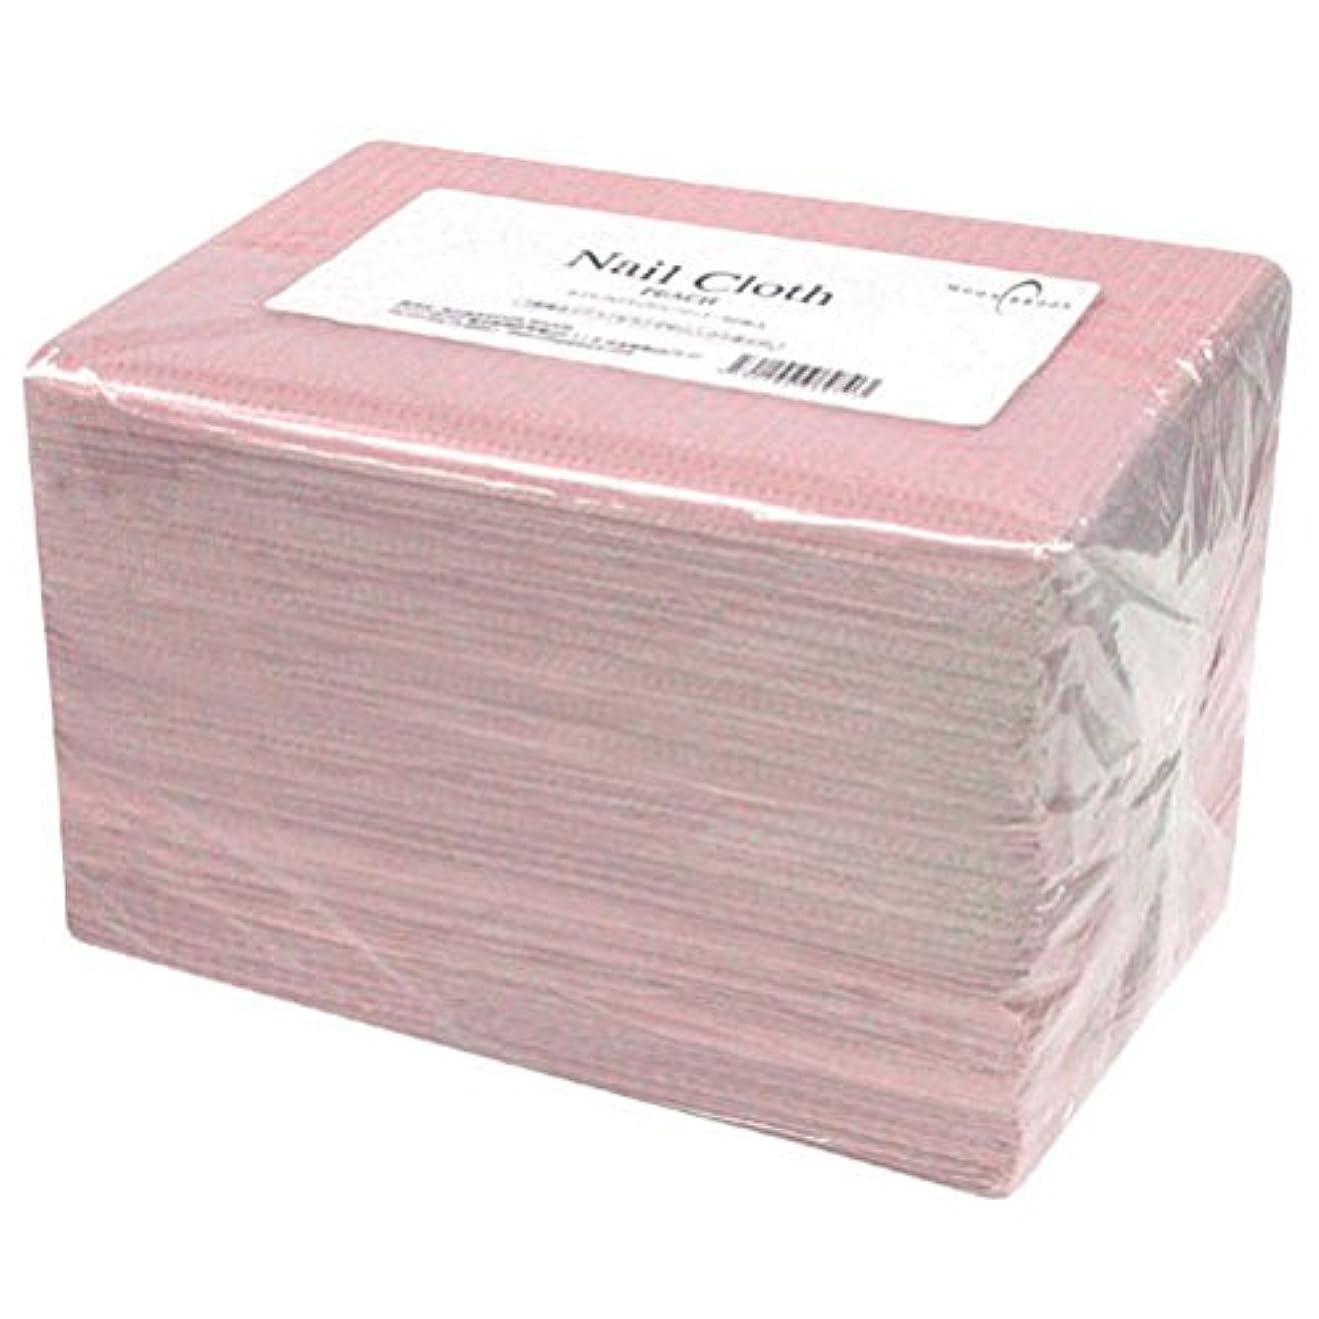 乳製品にぎやか物理Calgel ネイルクロス 50枚 ピーチ